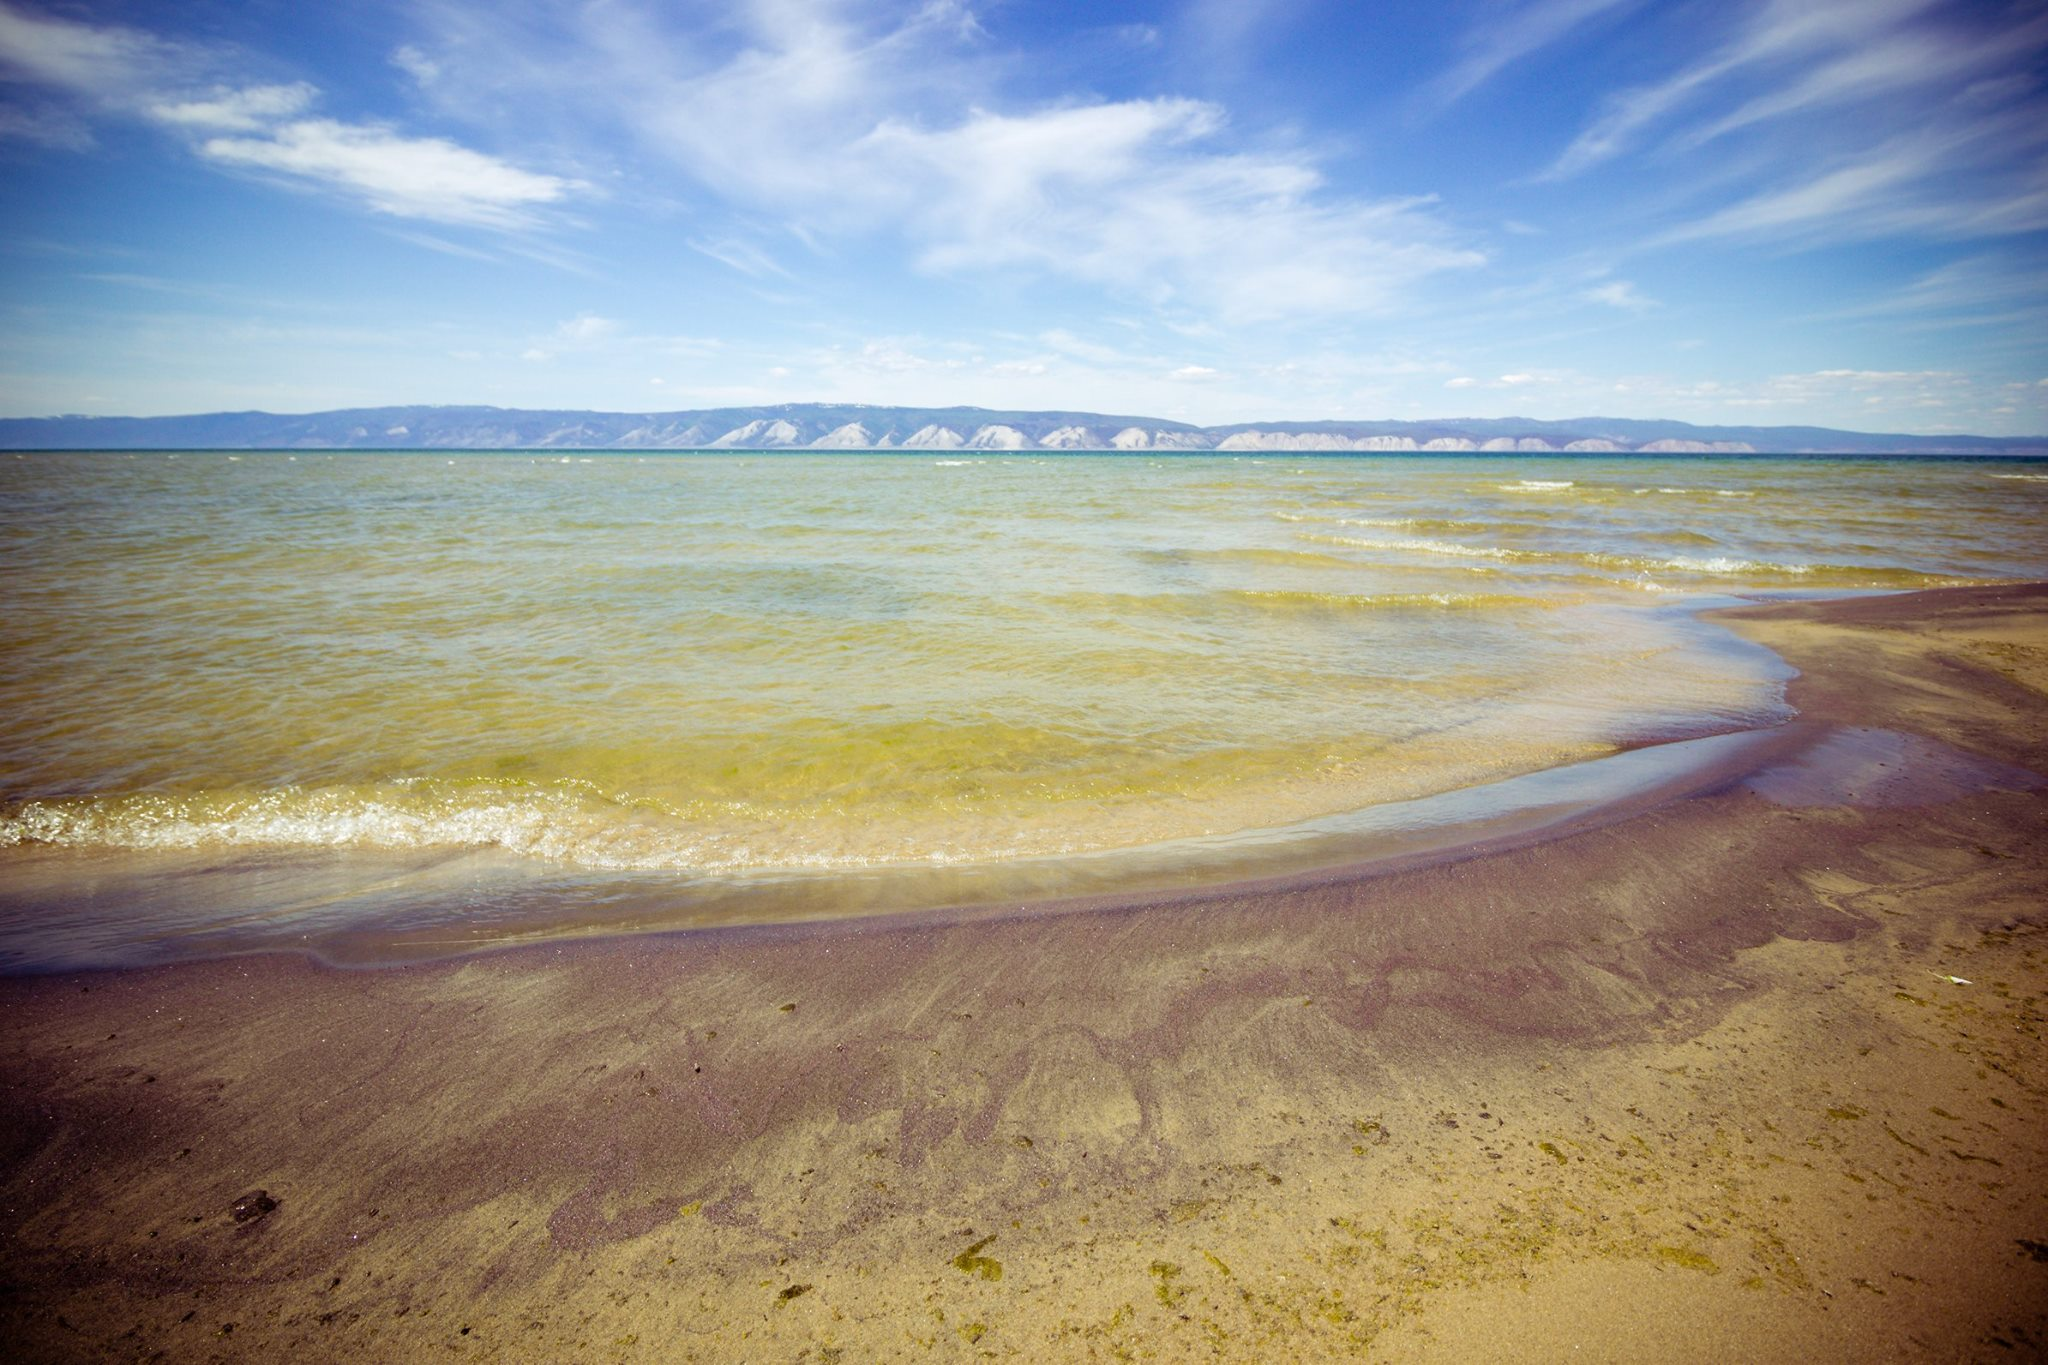 Attualmente una crescente quantità di rifiuti sta minacciando il fragile ecosistema del lago